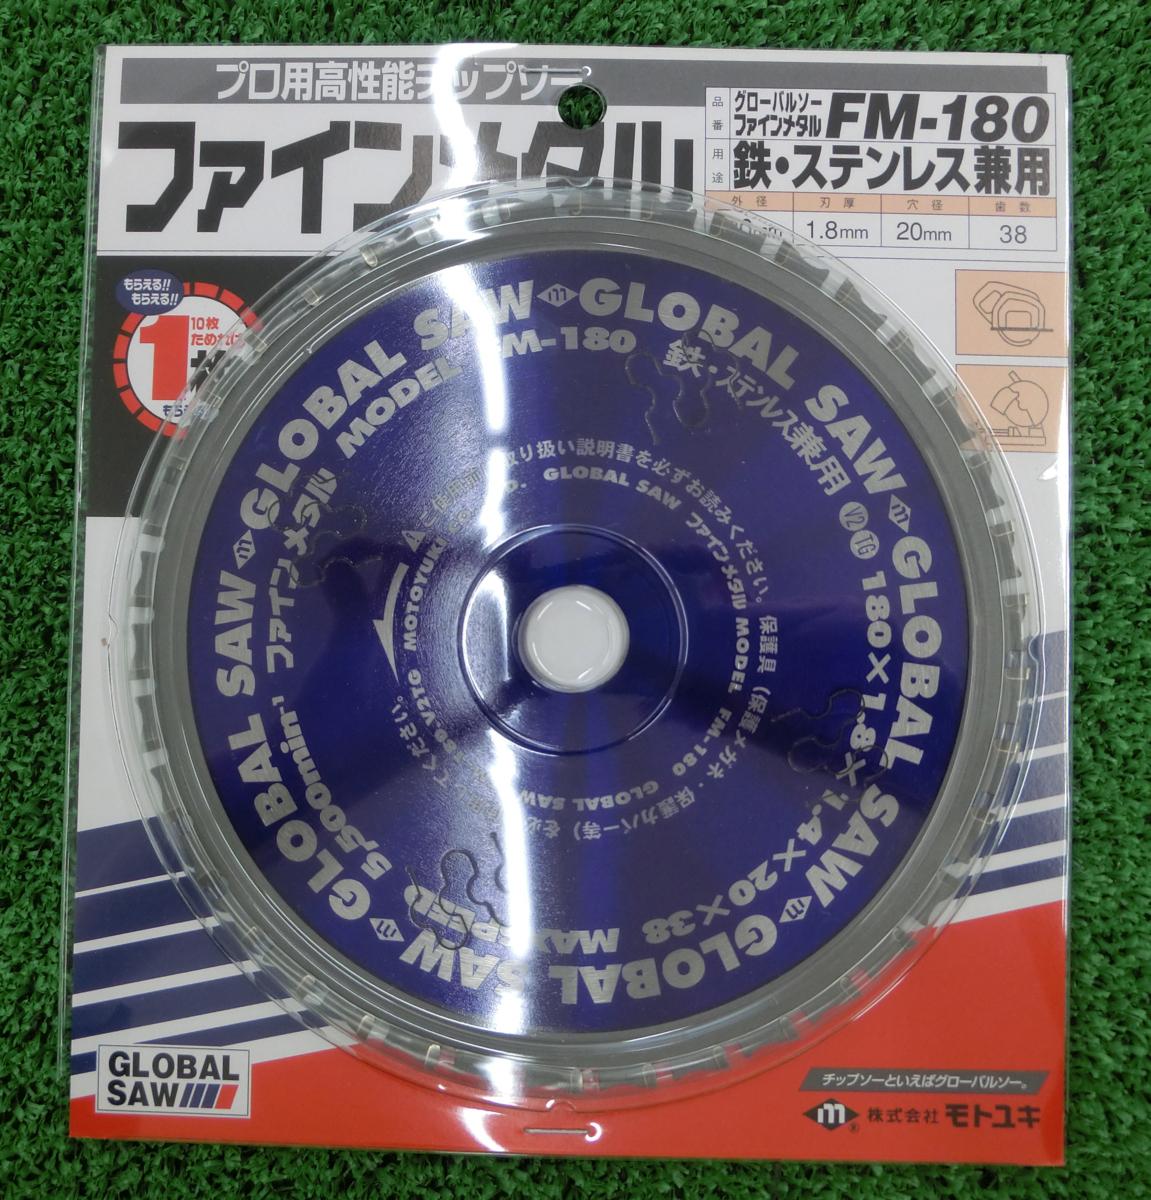 新品♪ モトユキ グローバルソー FM-180 ファインメタル (鉄・ステンレス兼用)2枚組_画像2